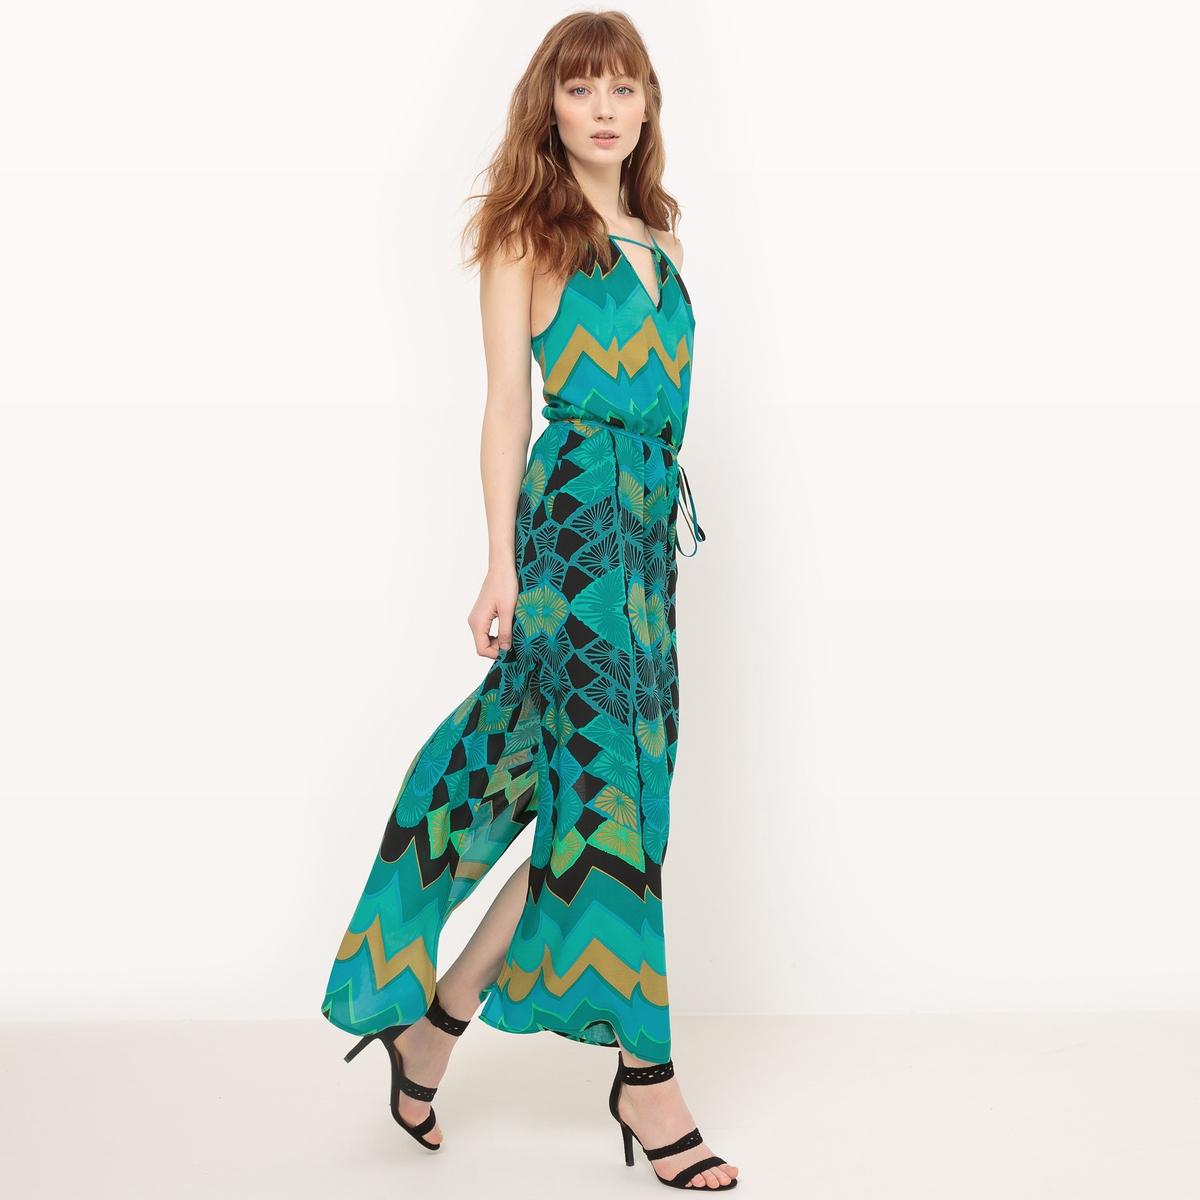 Платье длинное с тонкими бретелями и рисункомМатериал : 100% вискоза  Длина рукава : тонкие бретели  Форма воротника : V-образный вырез Покрой платья : длинное платье Рисунок : принт   Длина платья : длинное<br><br>Цвет: рисунок/зеленый<br>Размер: XL